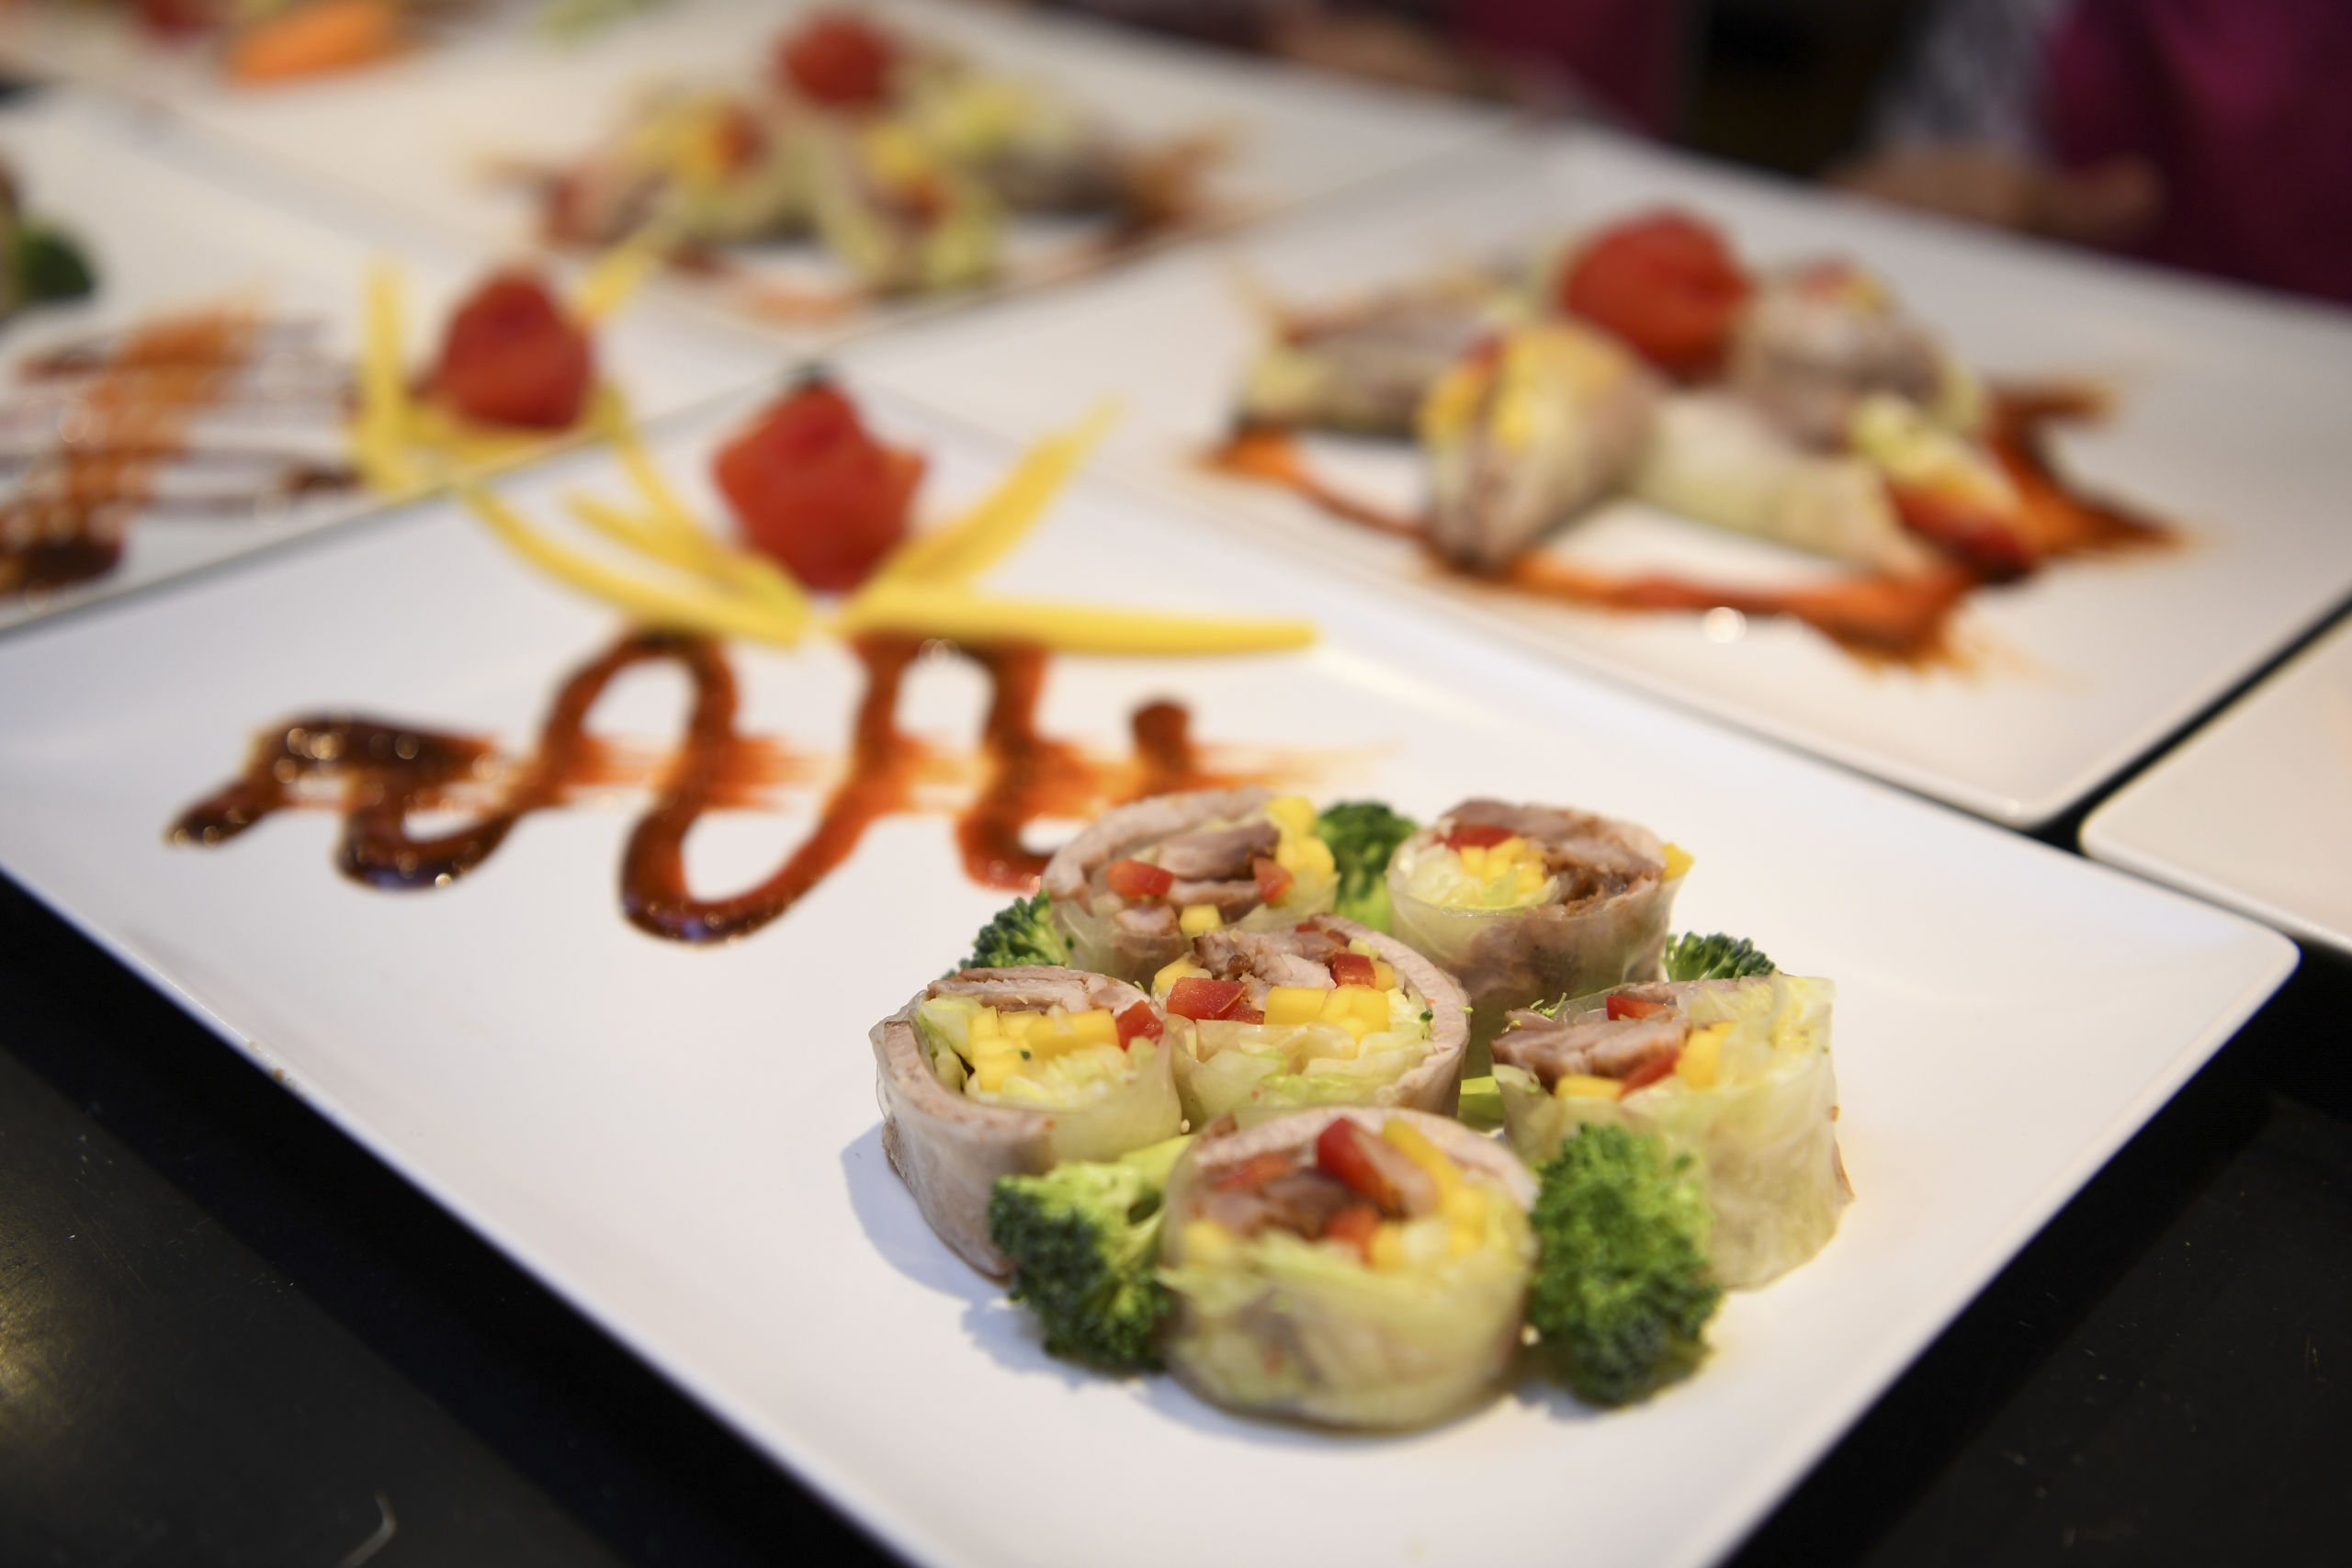 Hos Huong Viet vil der blive serveret traditionelle vietnamesiske retter som for eksempel sommerruller, der ses her på billedet. Foto: Mette Nielsen